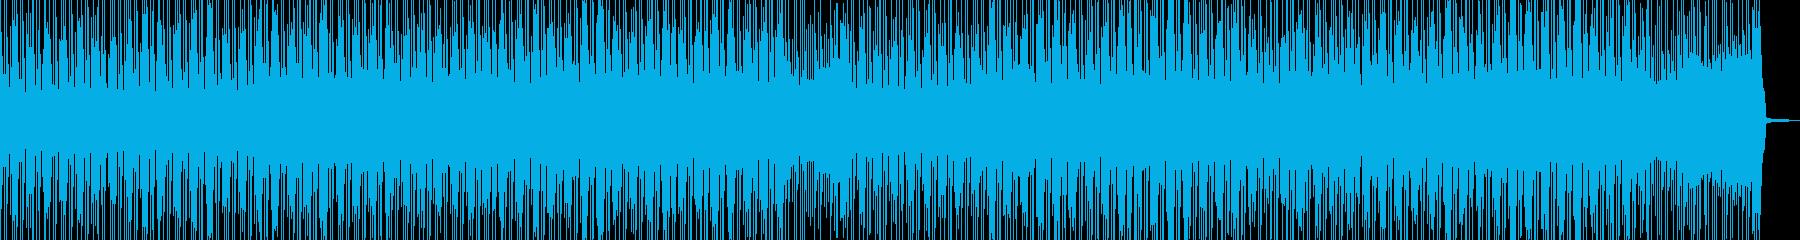 楽しい日々を軽快に彩るエレキポップス Bの再生済みの波形